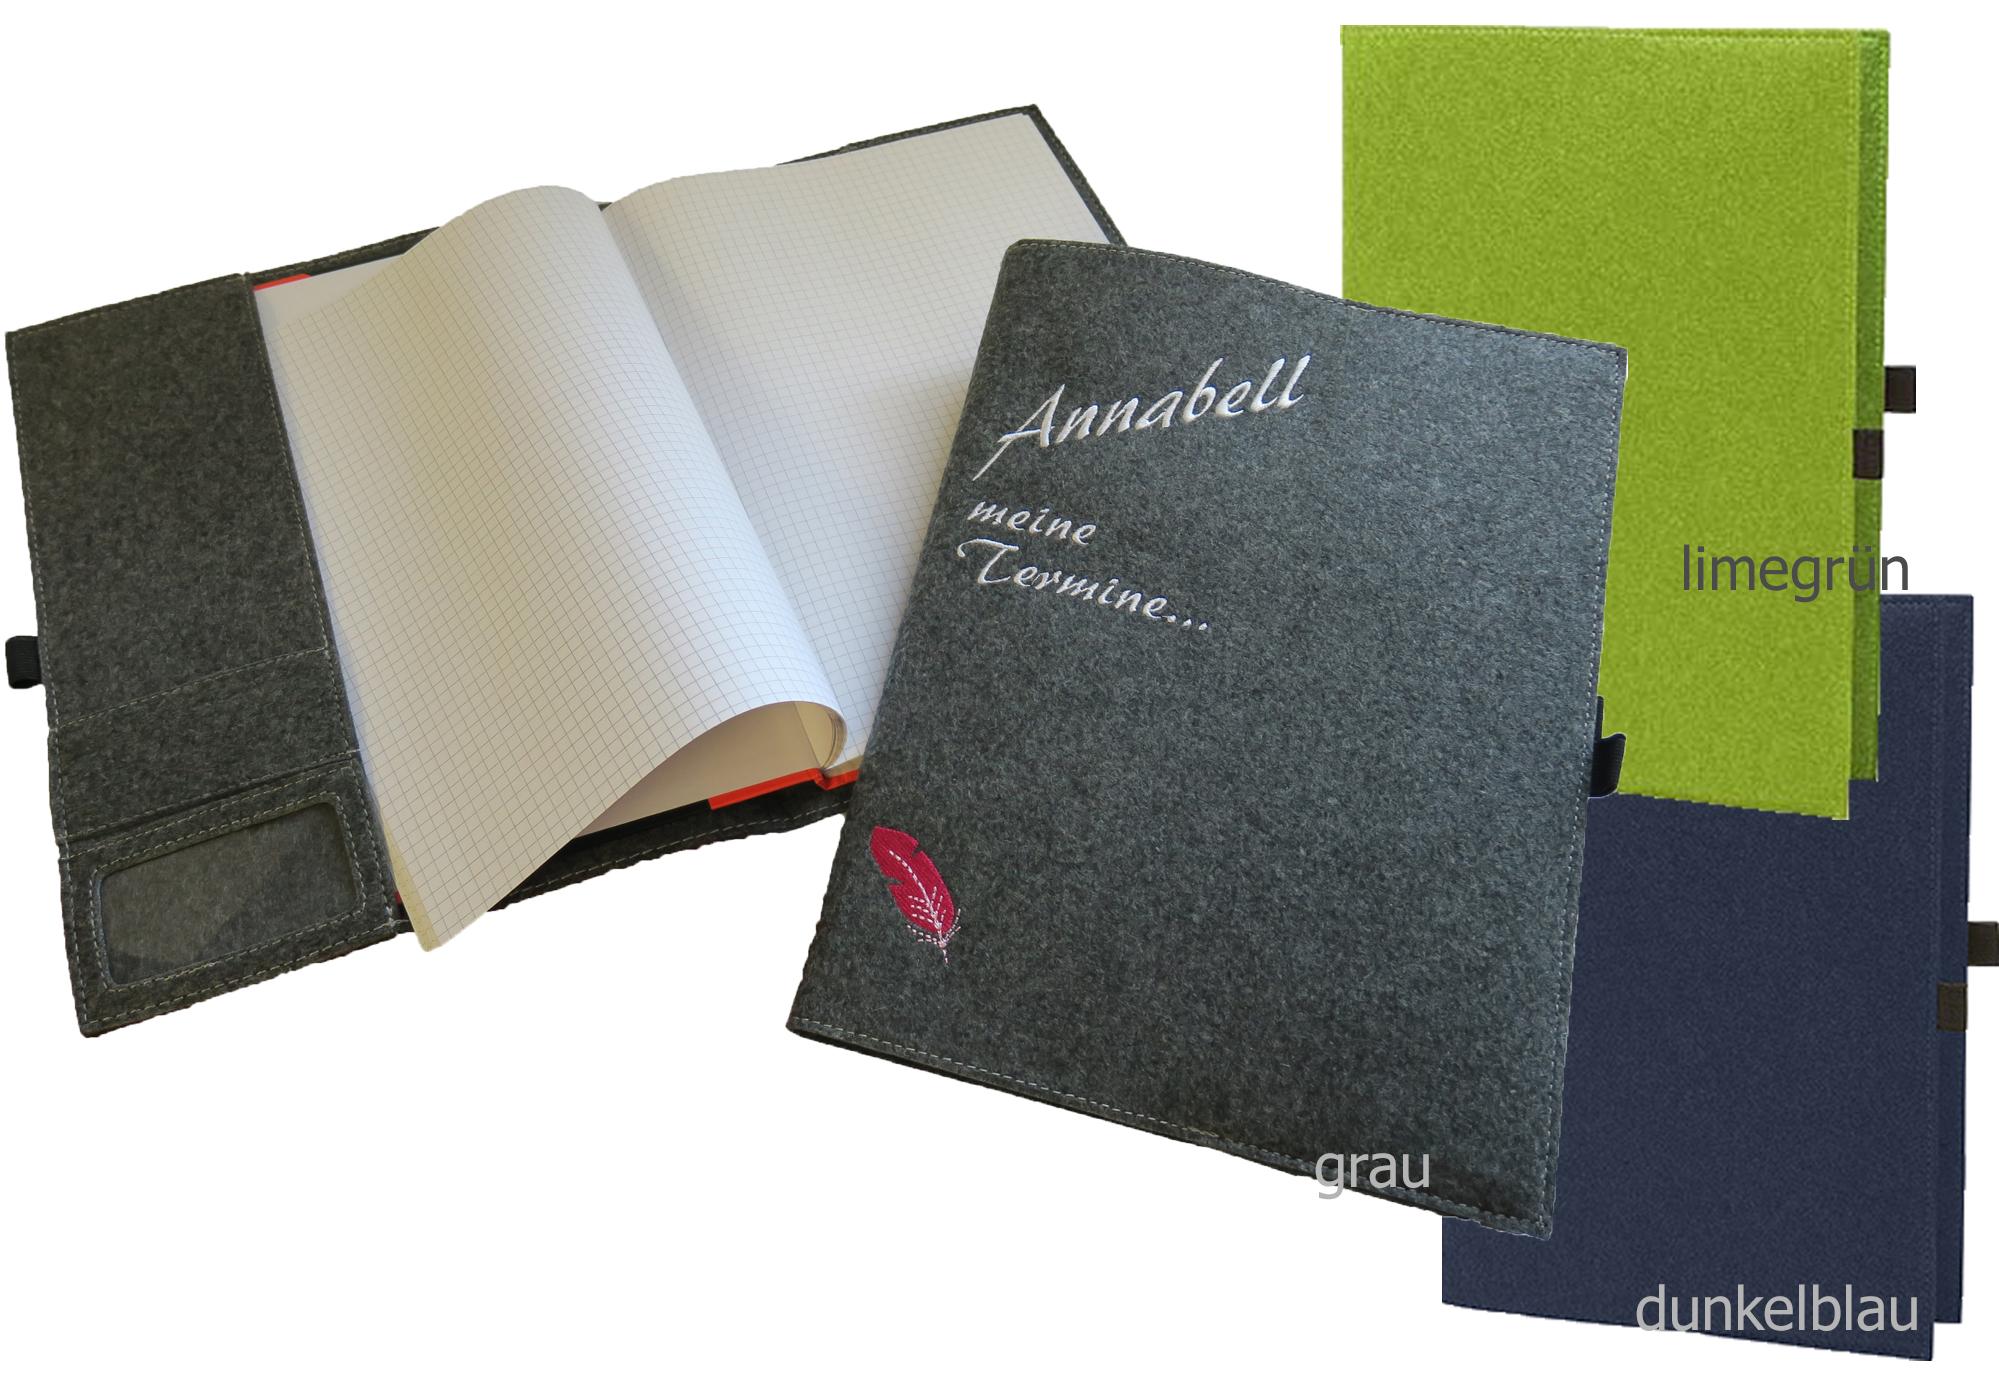 gio shop filz einband mit notizbuch a4 mit namen. Black Bedroom Furniture Sets. Home Design Ideas